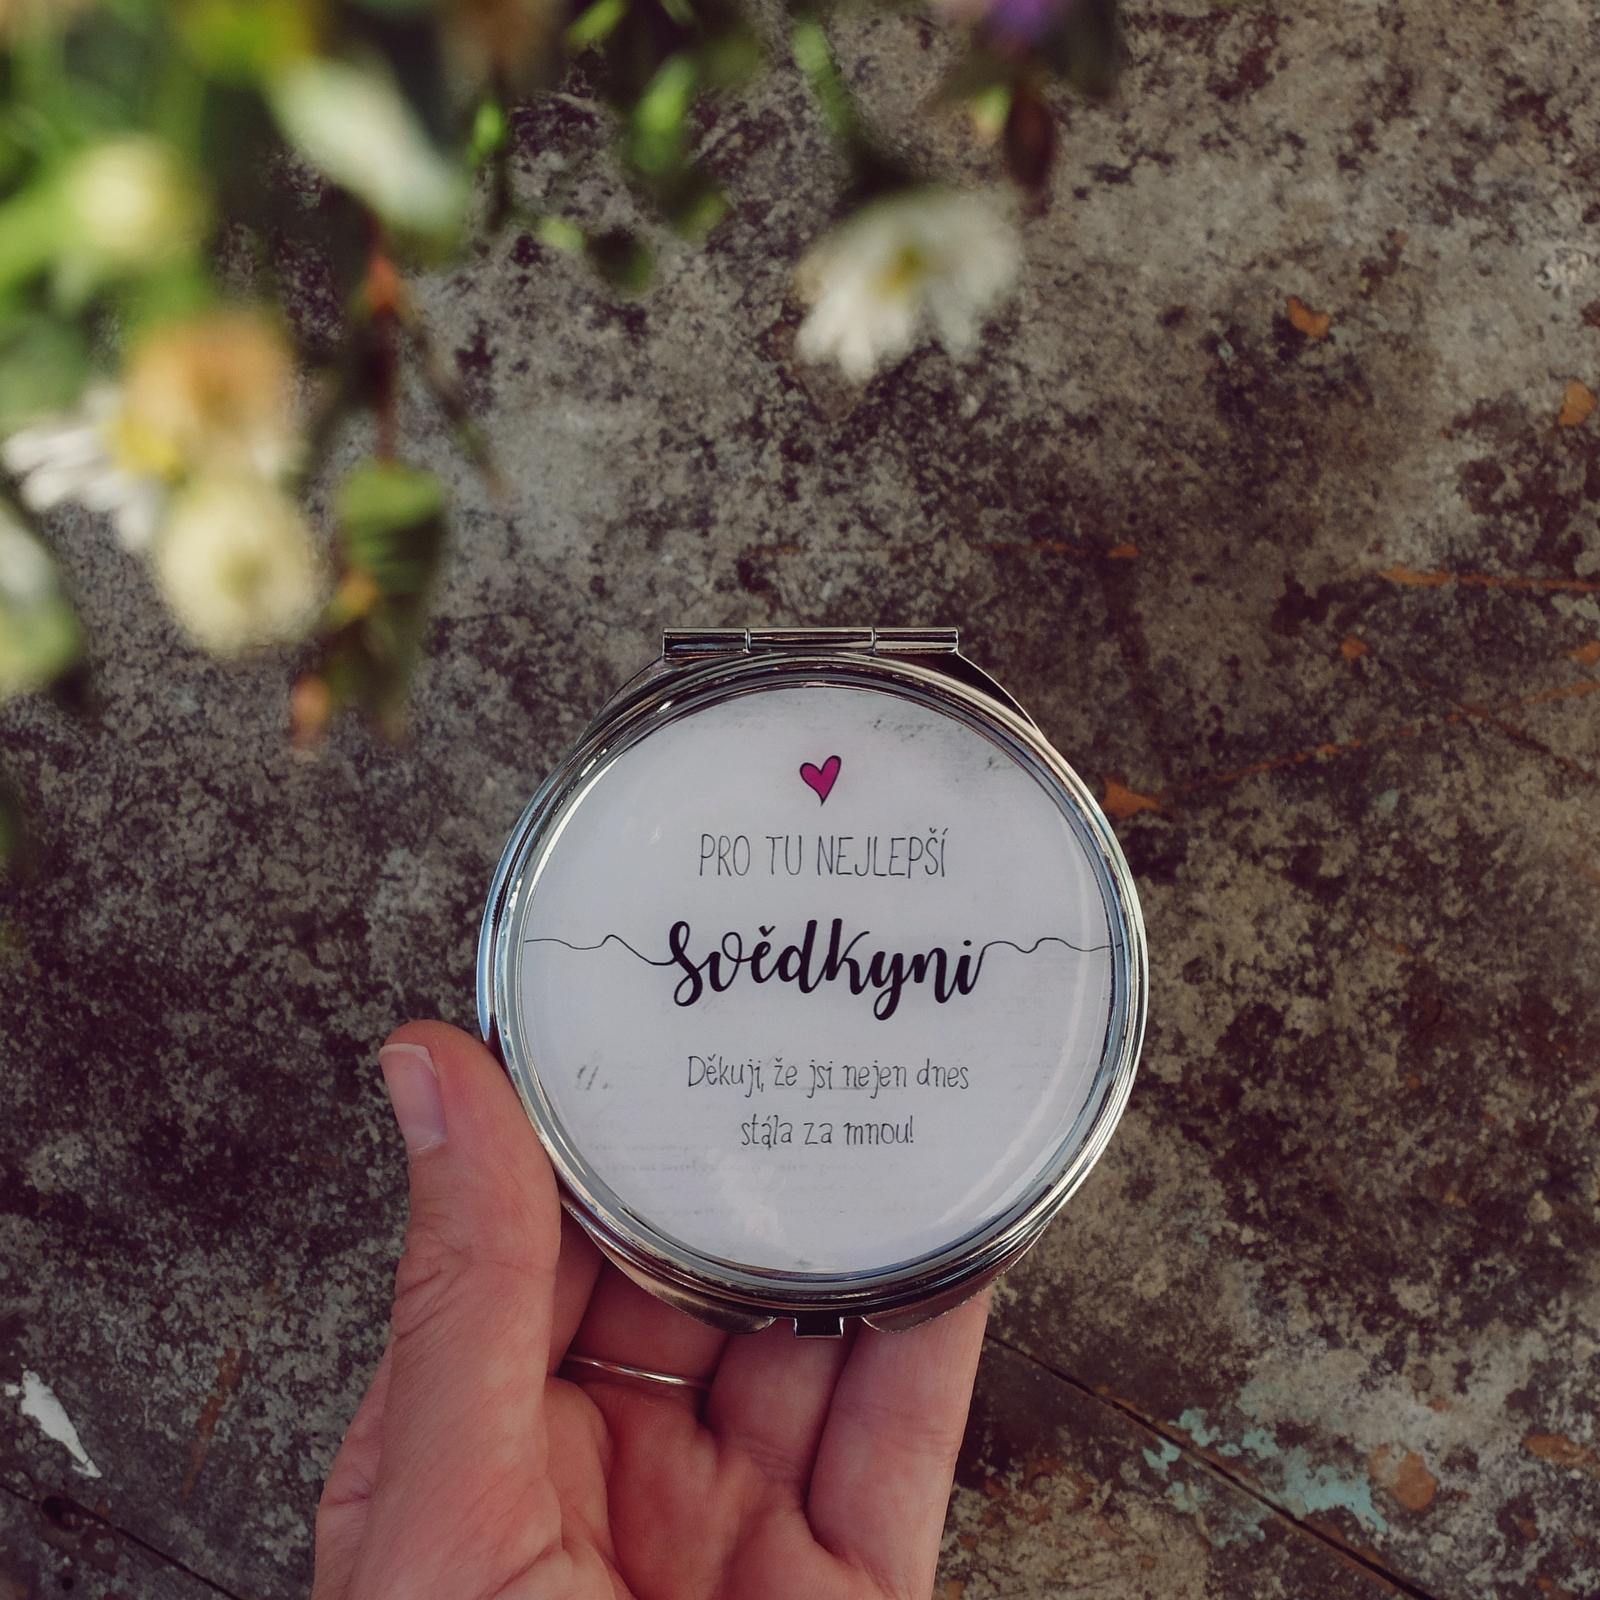 Pro svědkyně - Dárky na svatbu podle Vašeho přání si objednávejte na eshopu >> https://designempathy.cz/